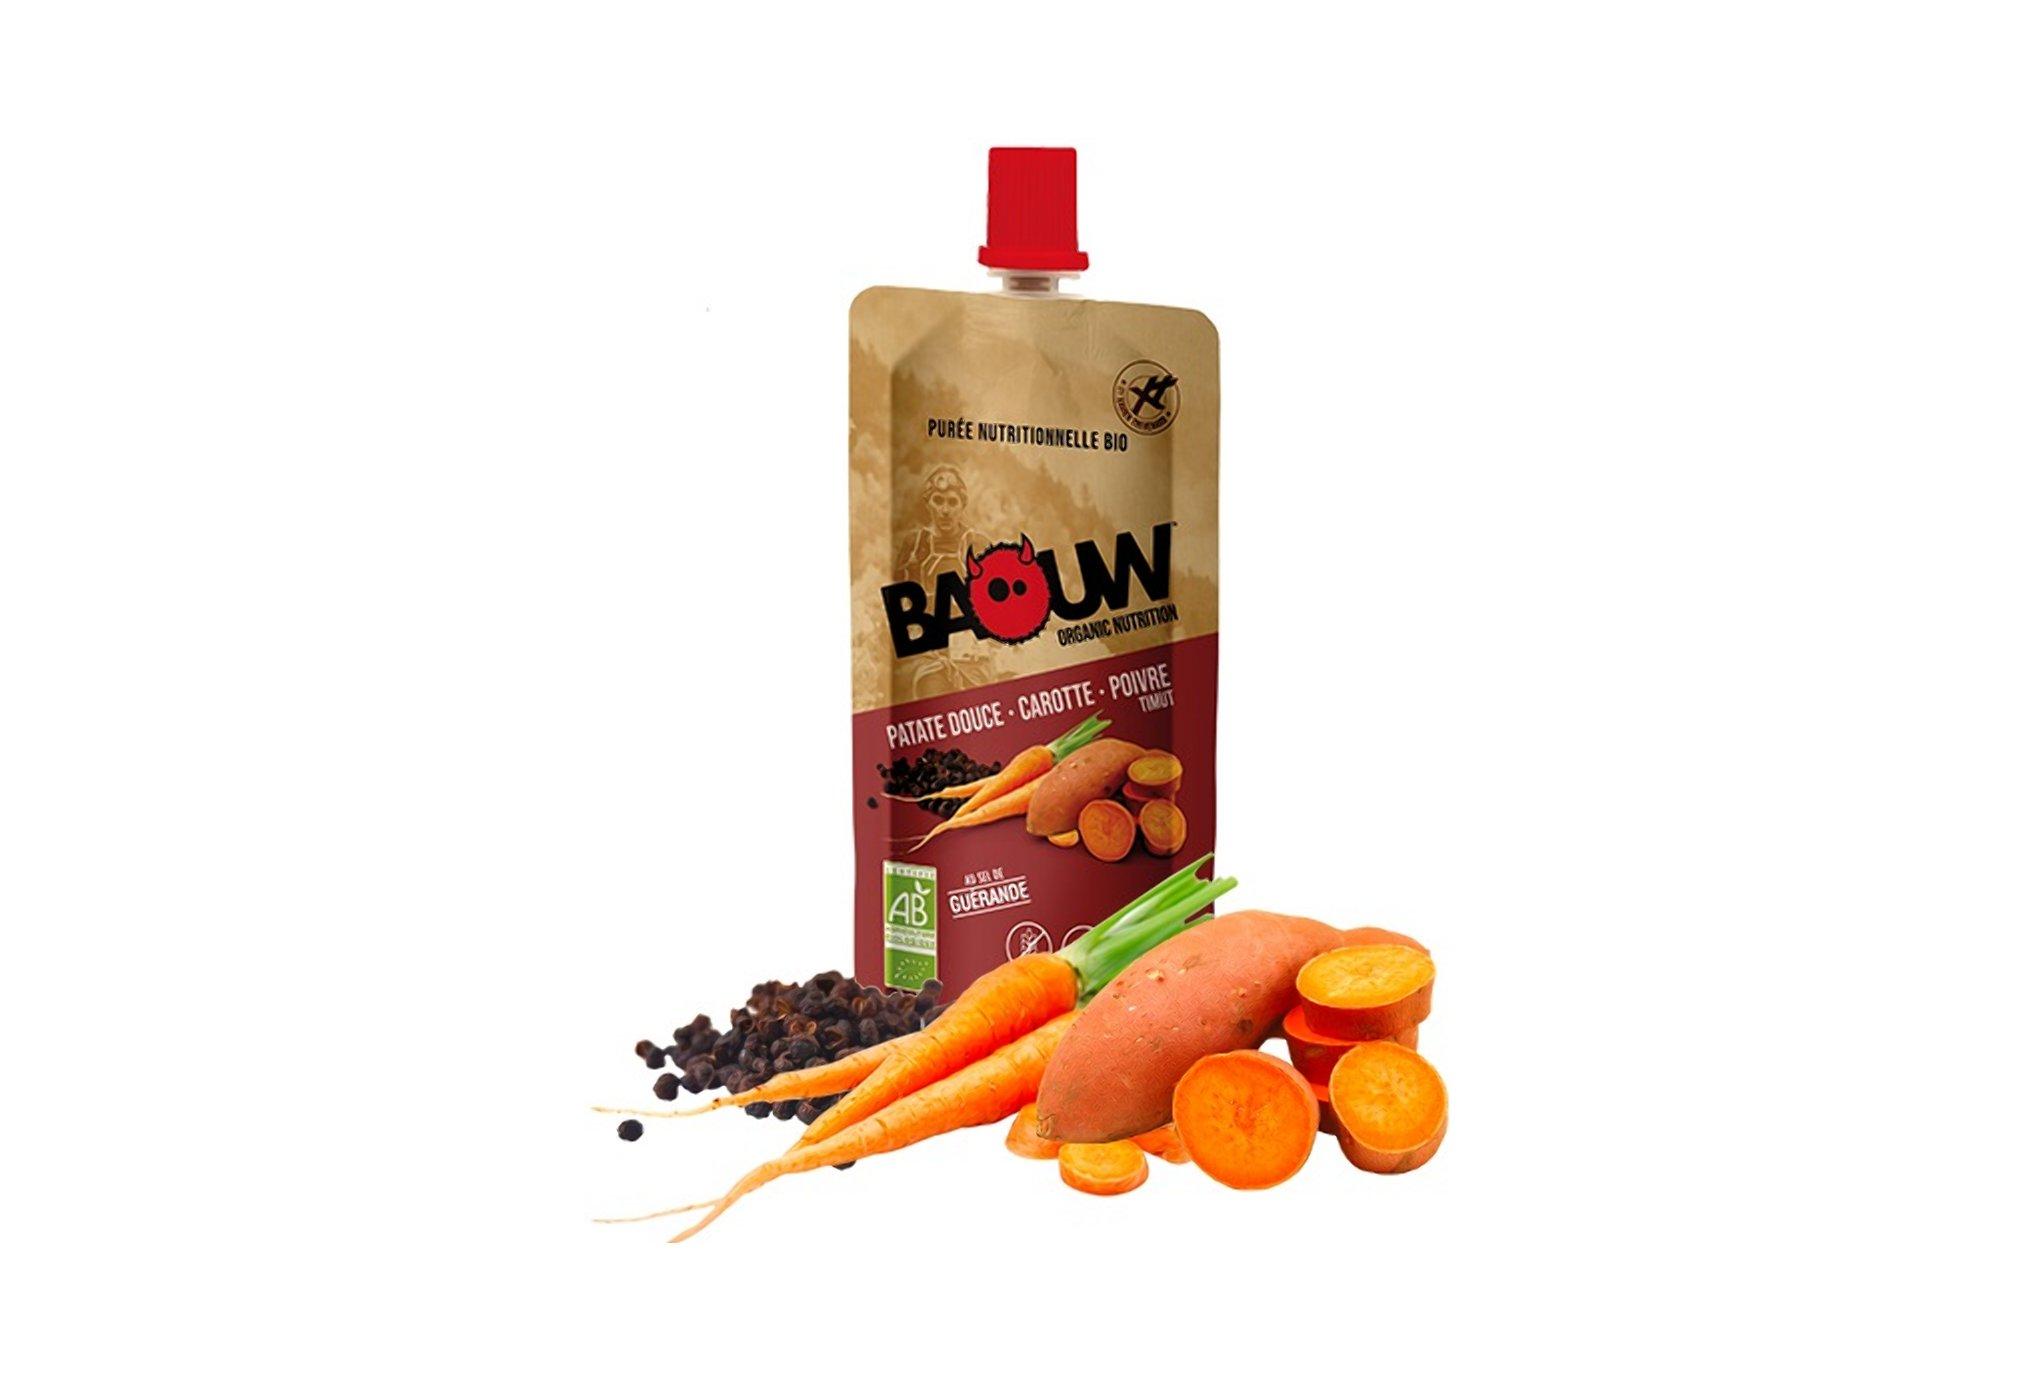 Baouw Purée nutritionnelle bio - Patate douce - Carotte - Poivre Timut Diététique Gels